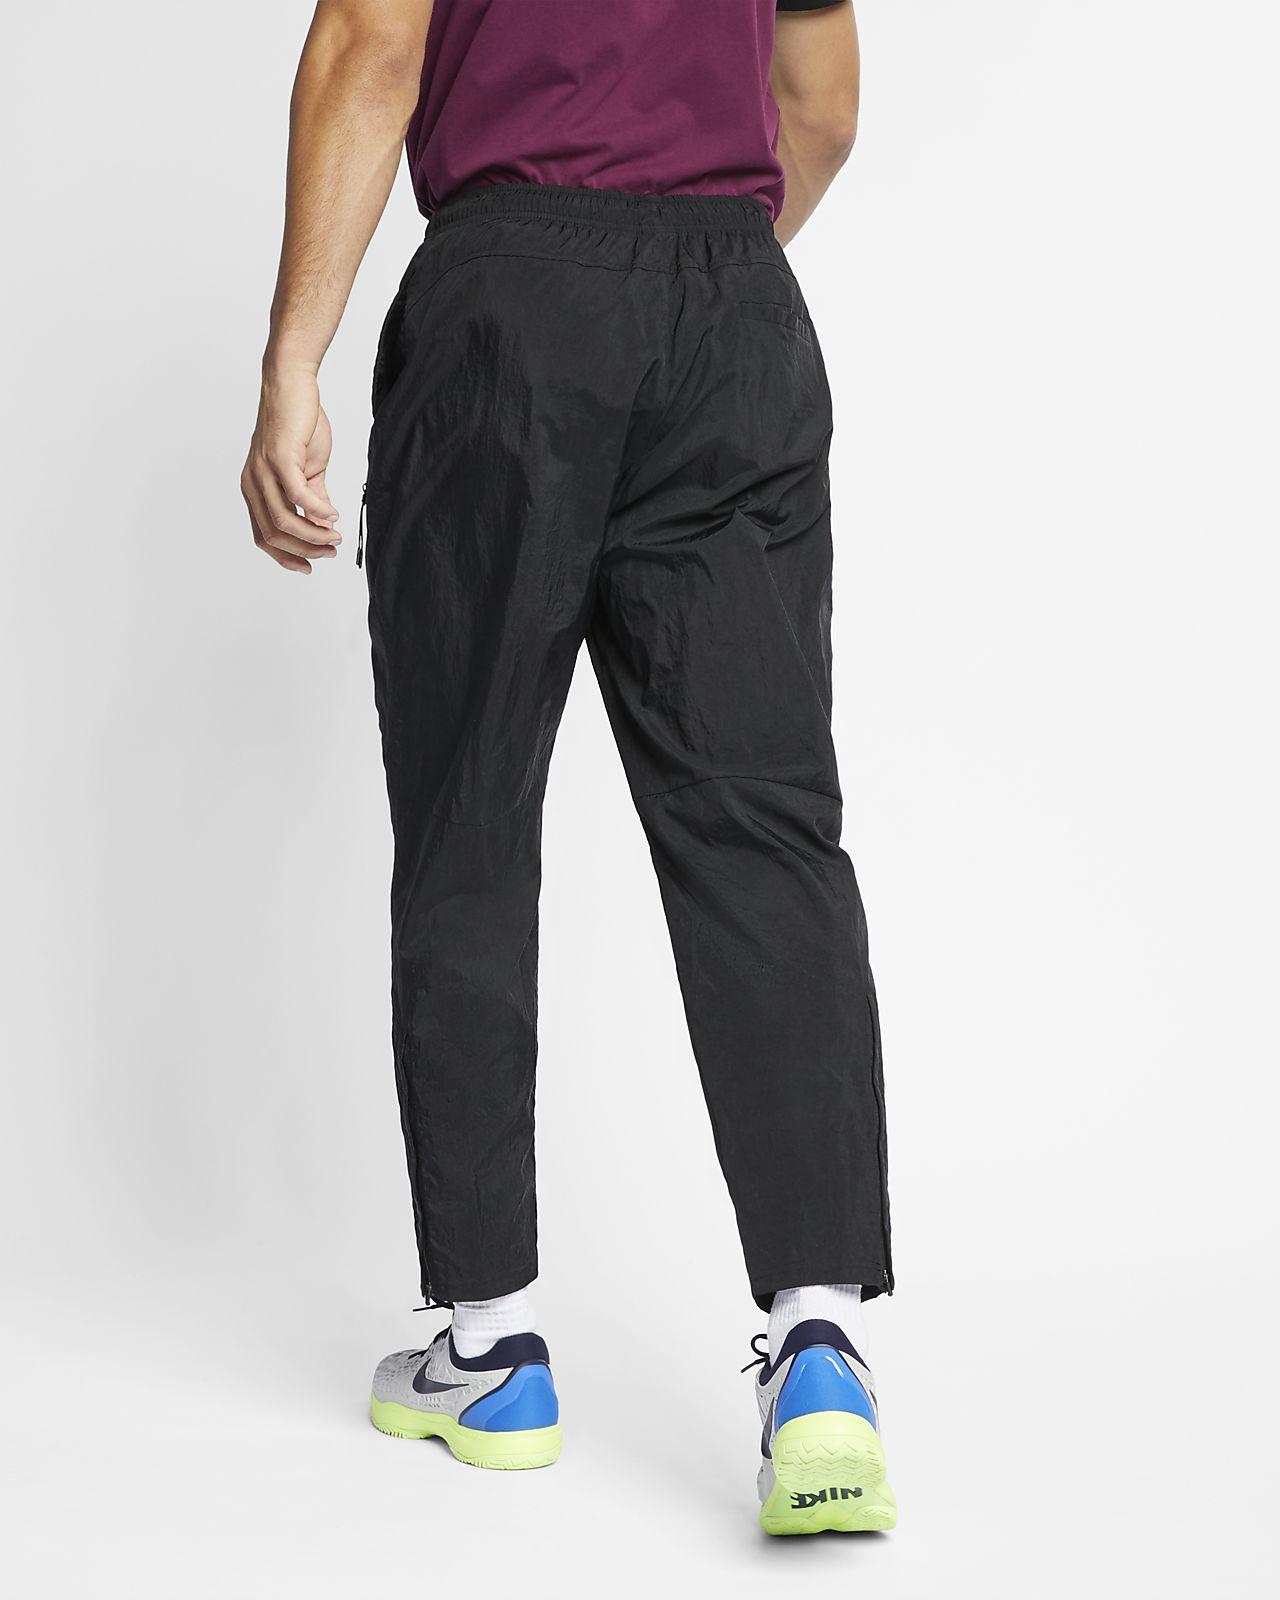 Homme Pour Pantalon De Tennis Nikecourt 80nwOPk